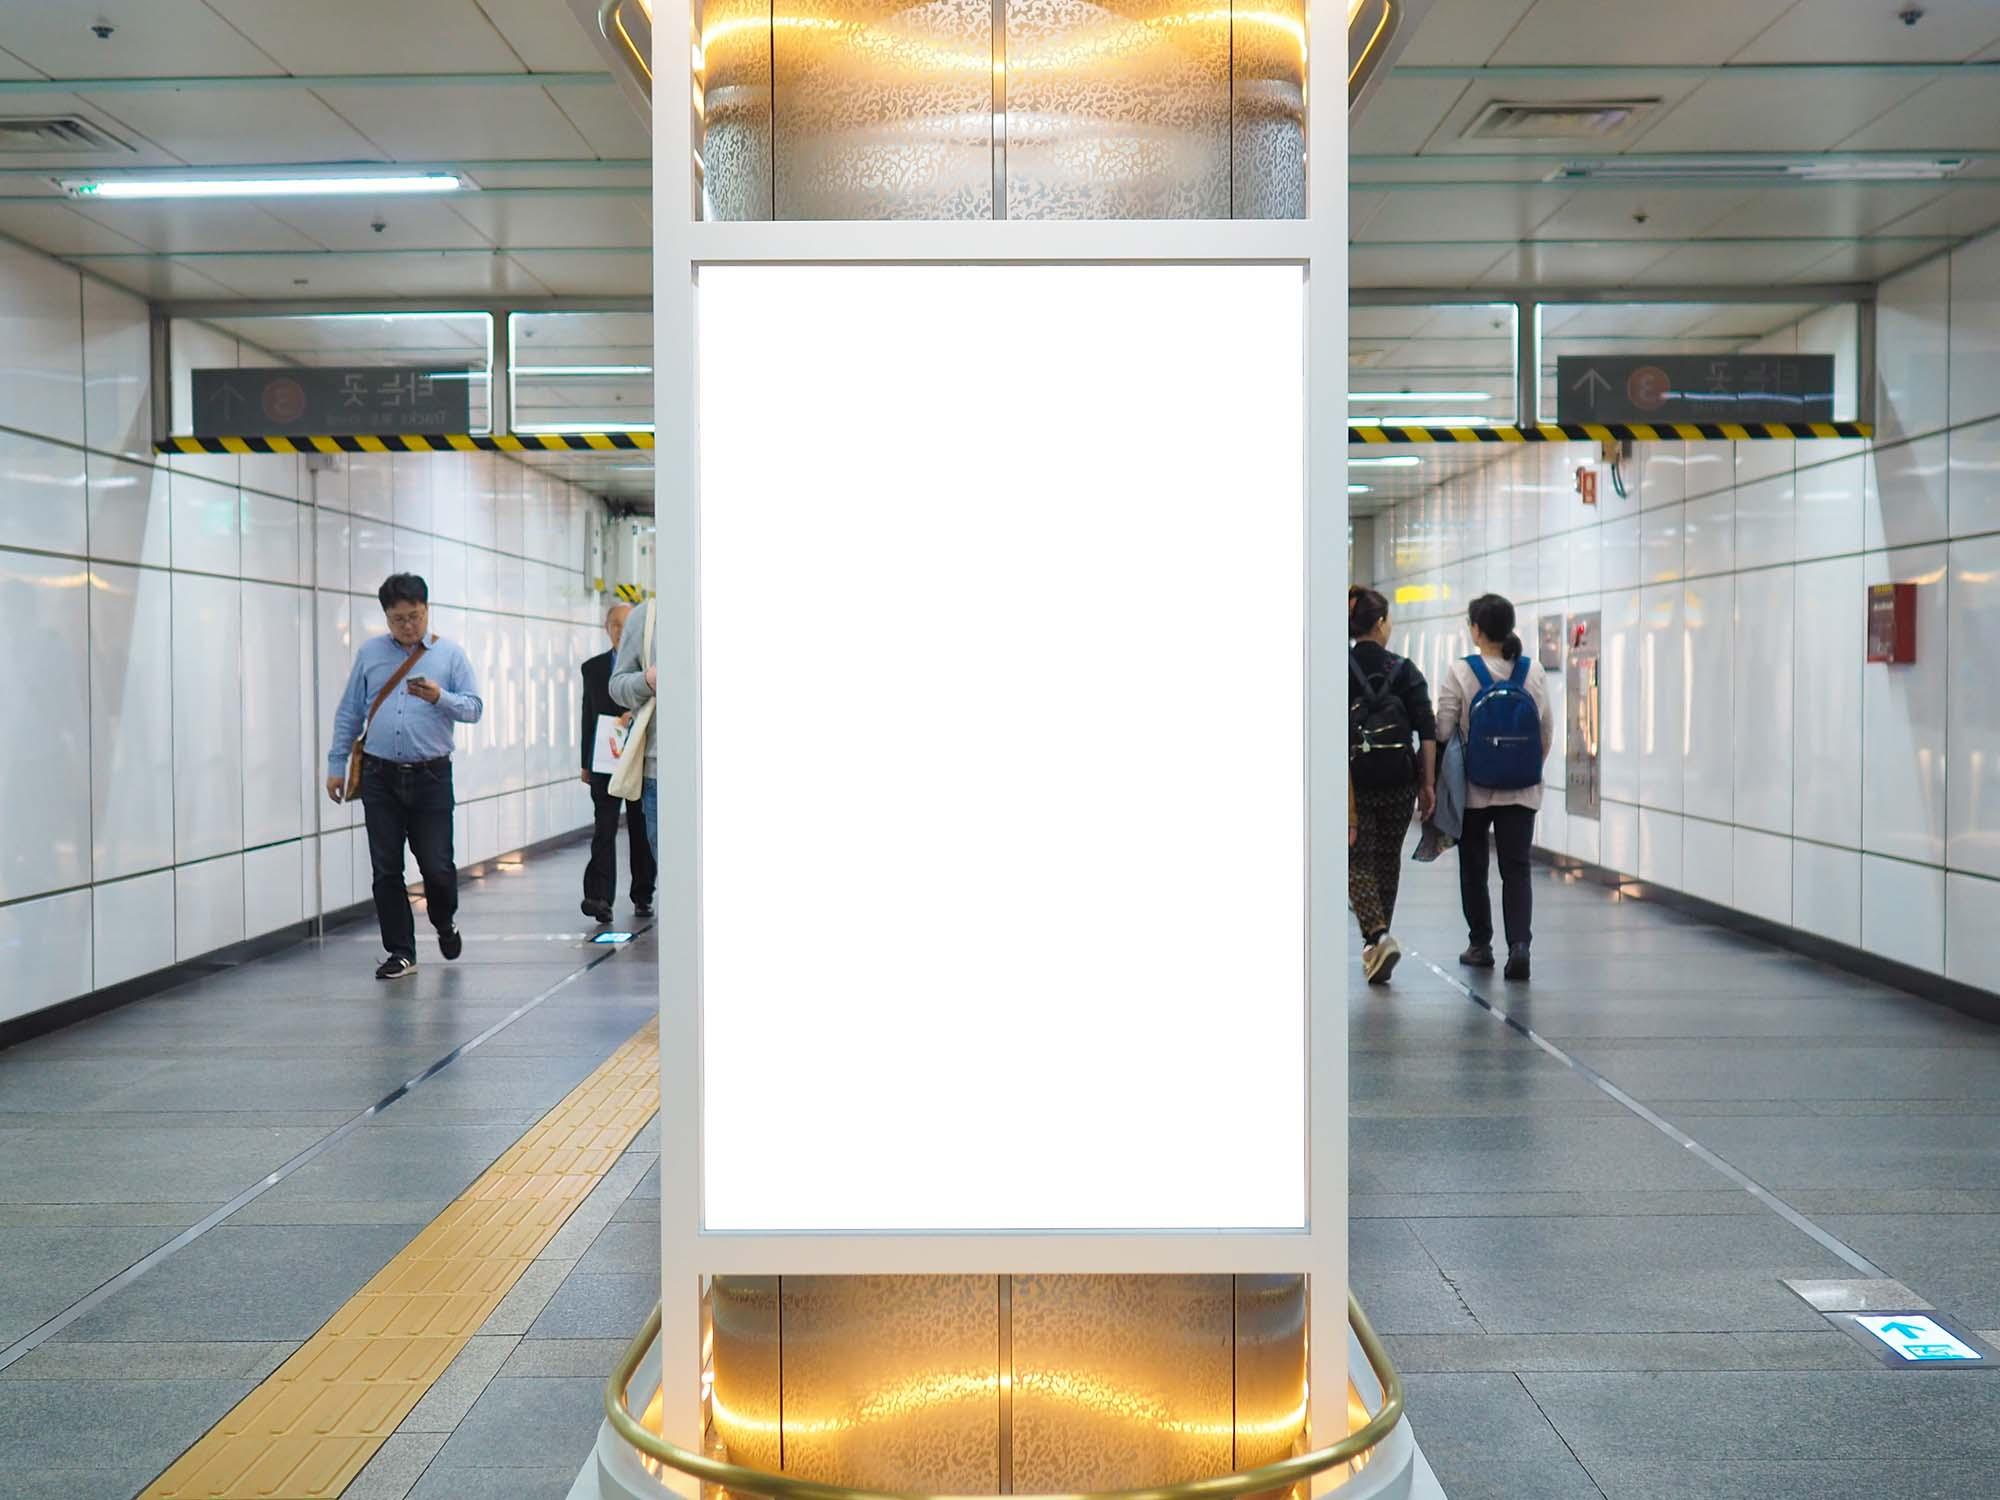 Subway Poster Mockup 2